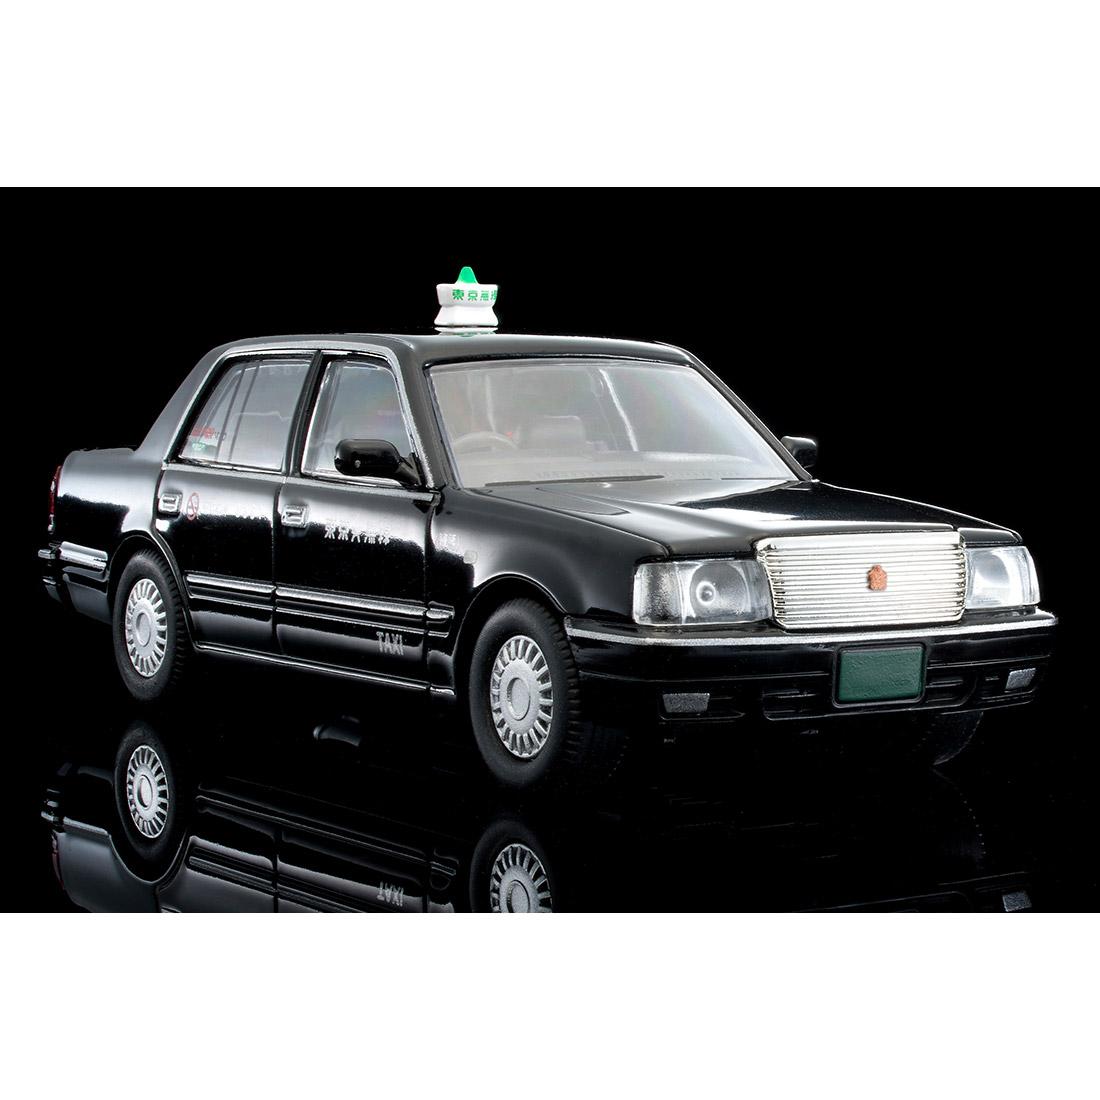 トミカリミテッド ヴィンテージ ネオ TLV-NEO『LV-N218a トヨタ クラウンコンフォート 東京無線タクシー(緑)』1/64 ミニカー-017